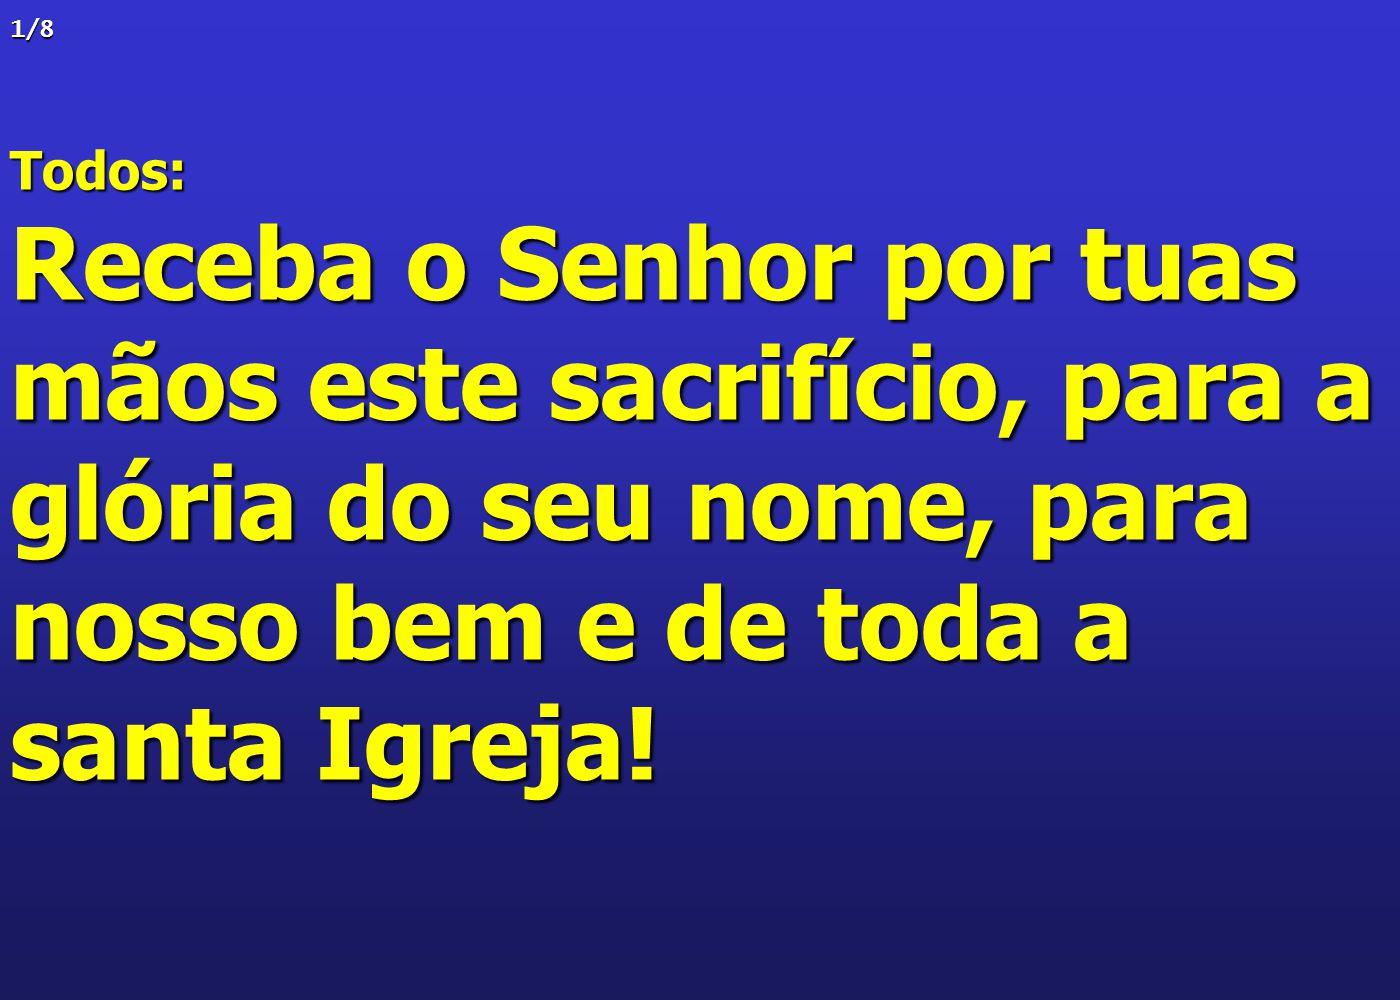 1/8Todos: Receba o Senhor por tuas mãos este sacrifício, para a glória do seu nome, para nosso bem e de toda a santa Igreja!